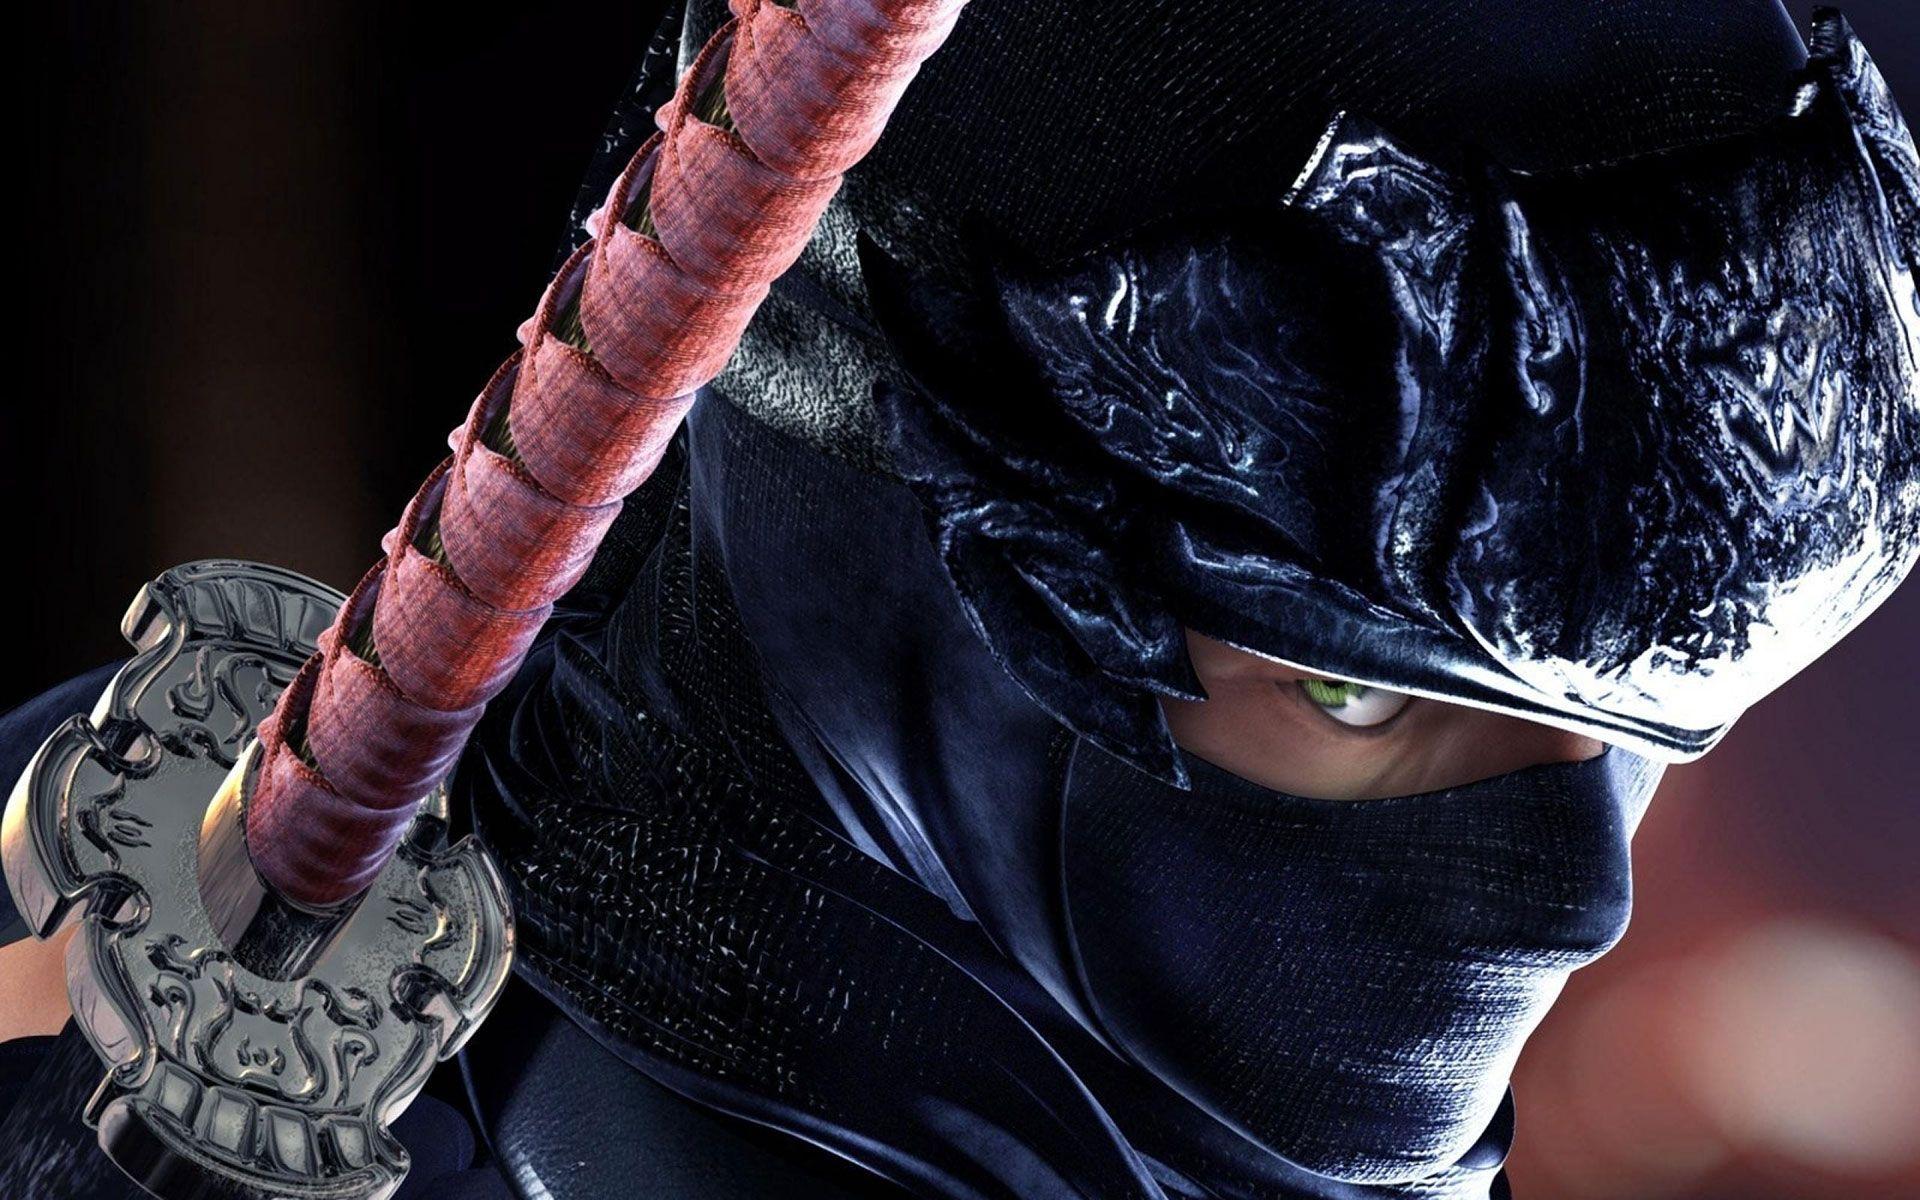 Game Ninja Gaiden Wallpaper: Ninja Gaiden Wallpaper